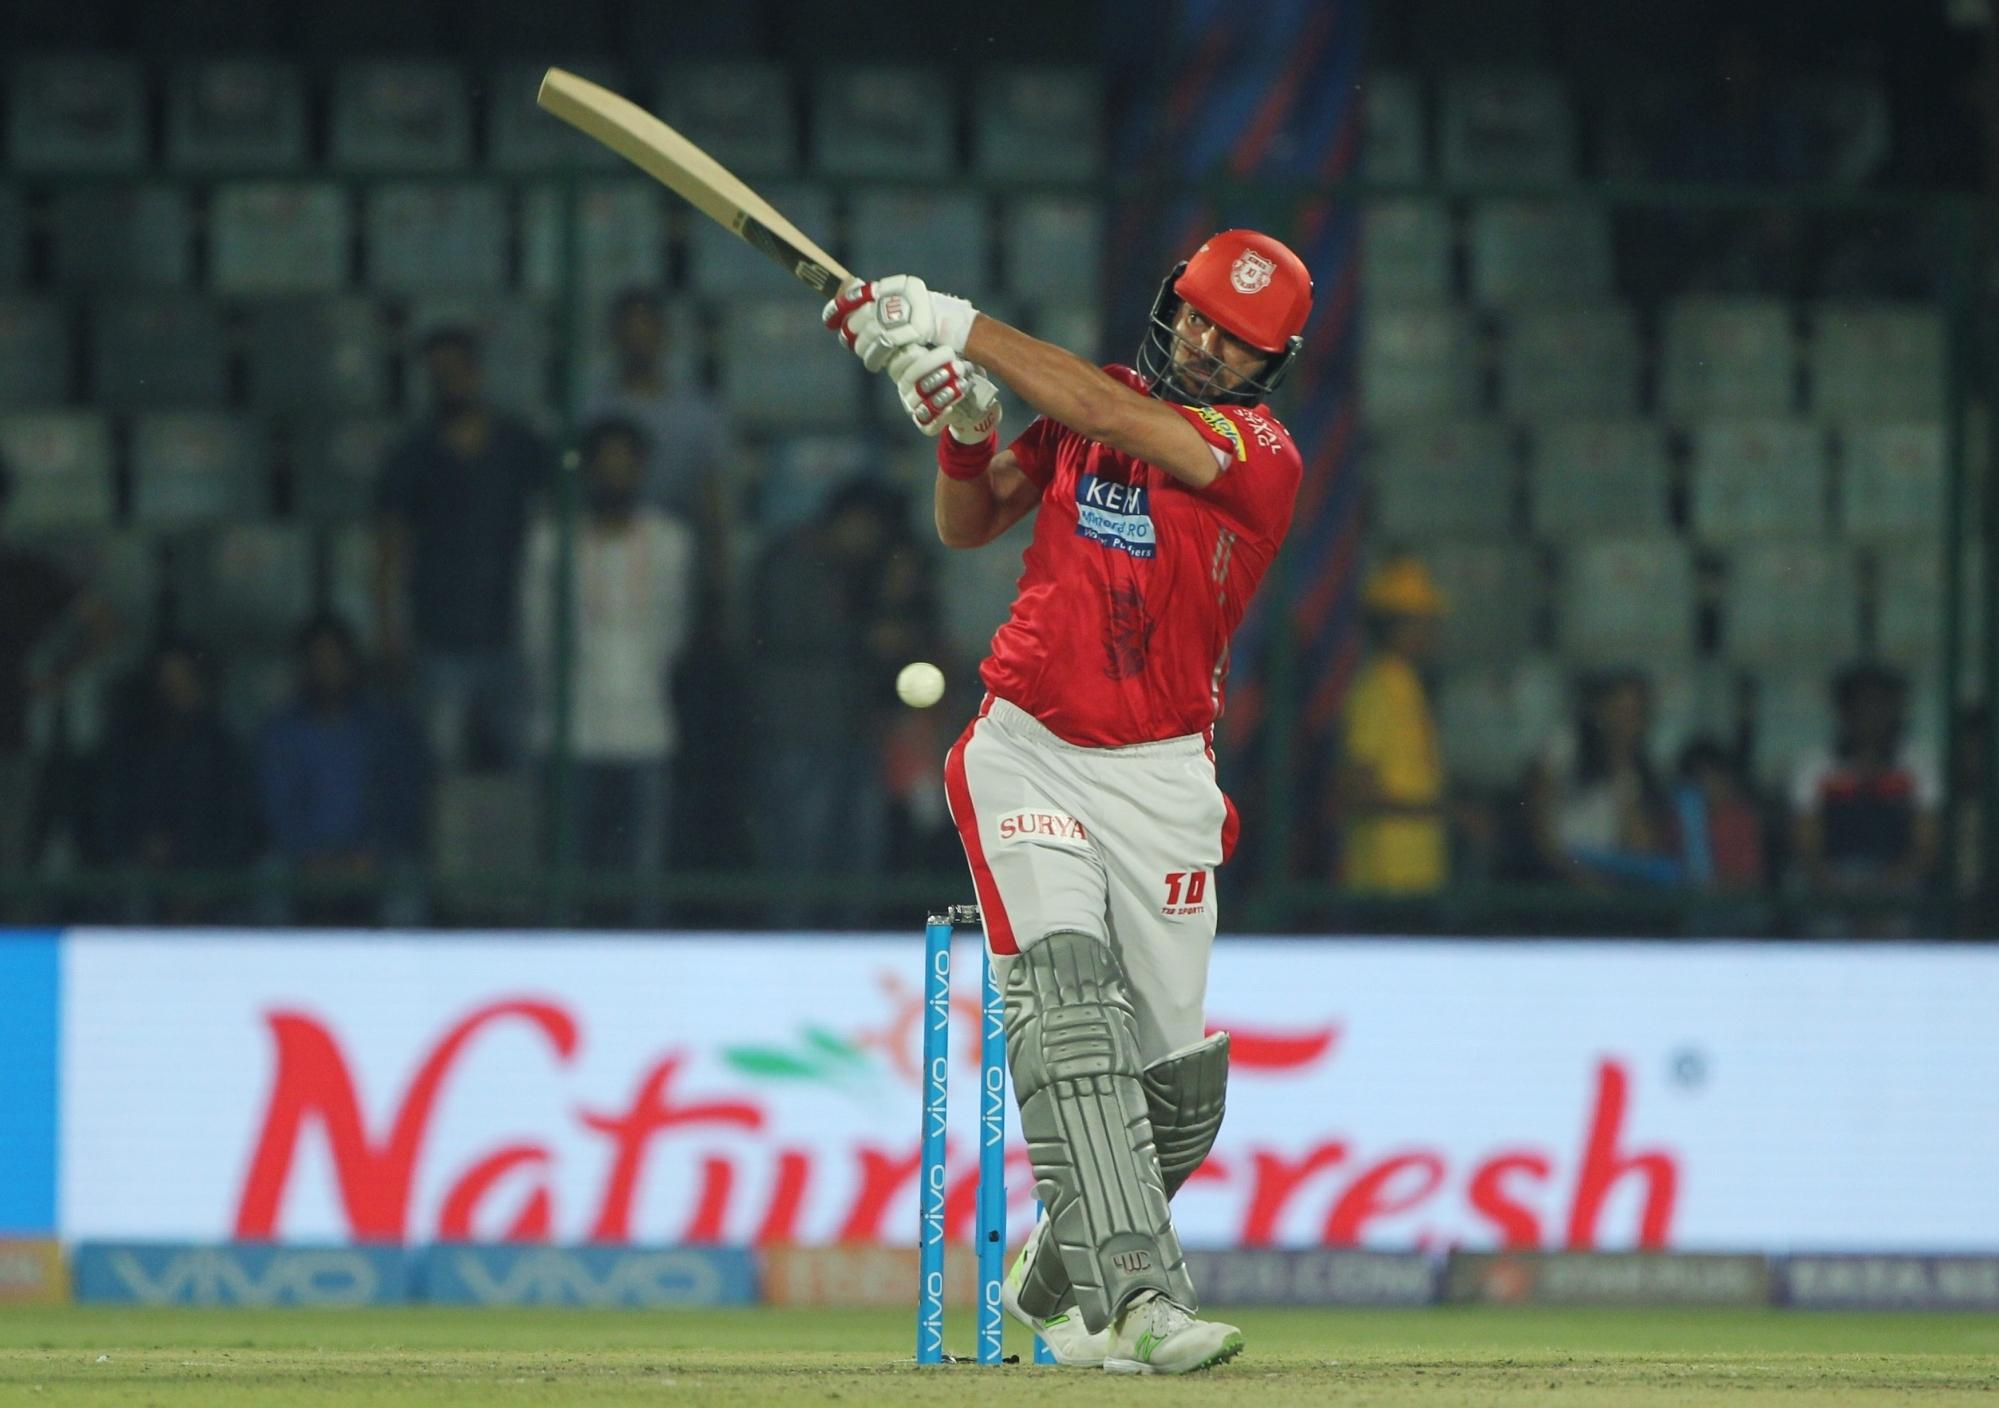 Yuvraj Singh represented KXIP in IPL 2018 | IANS